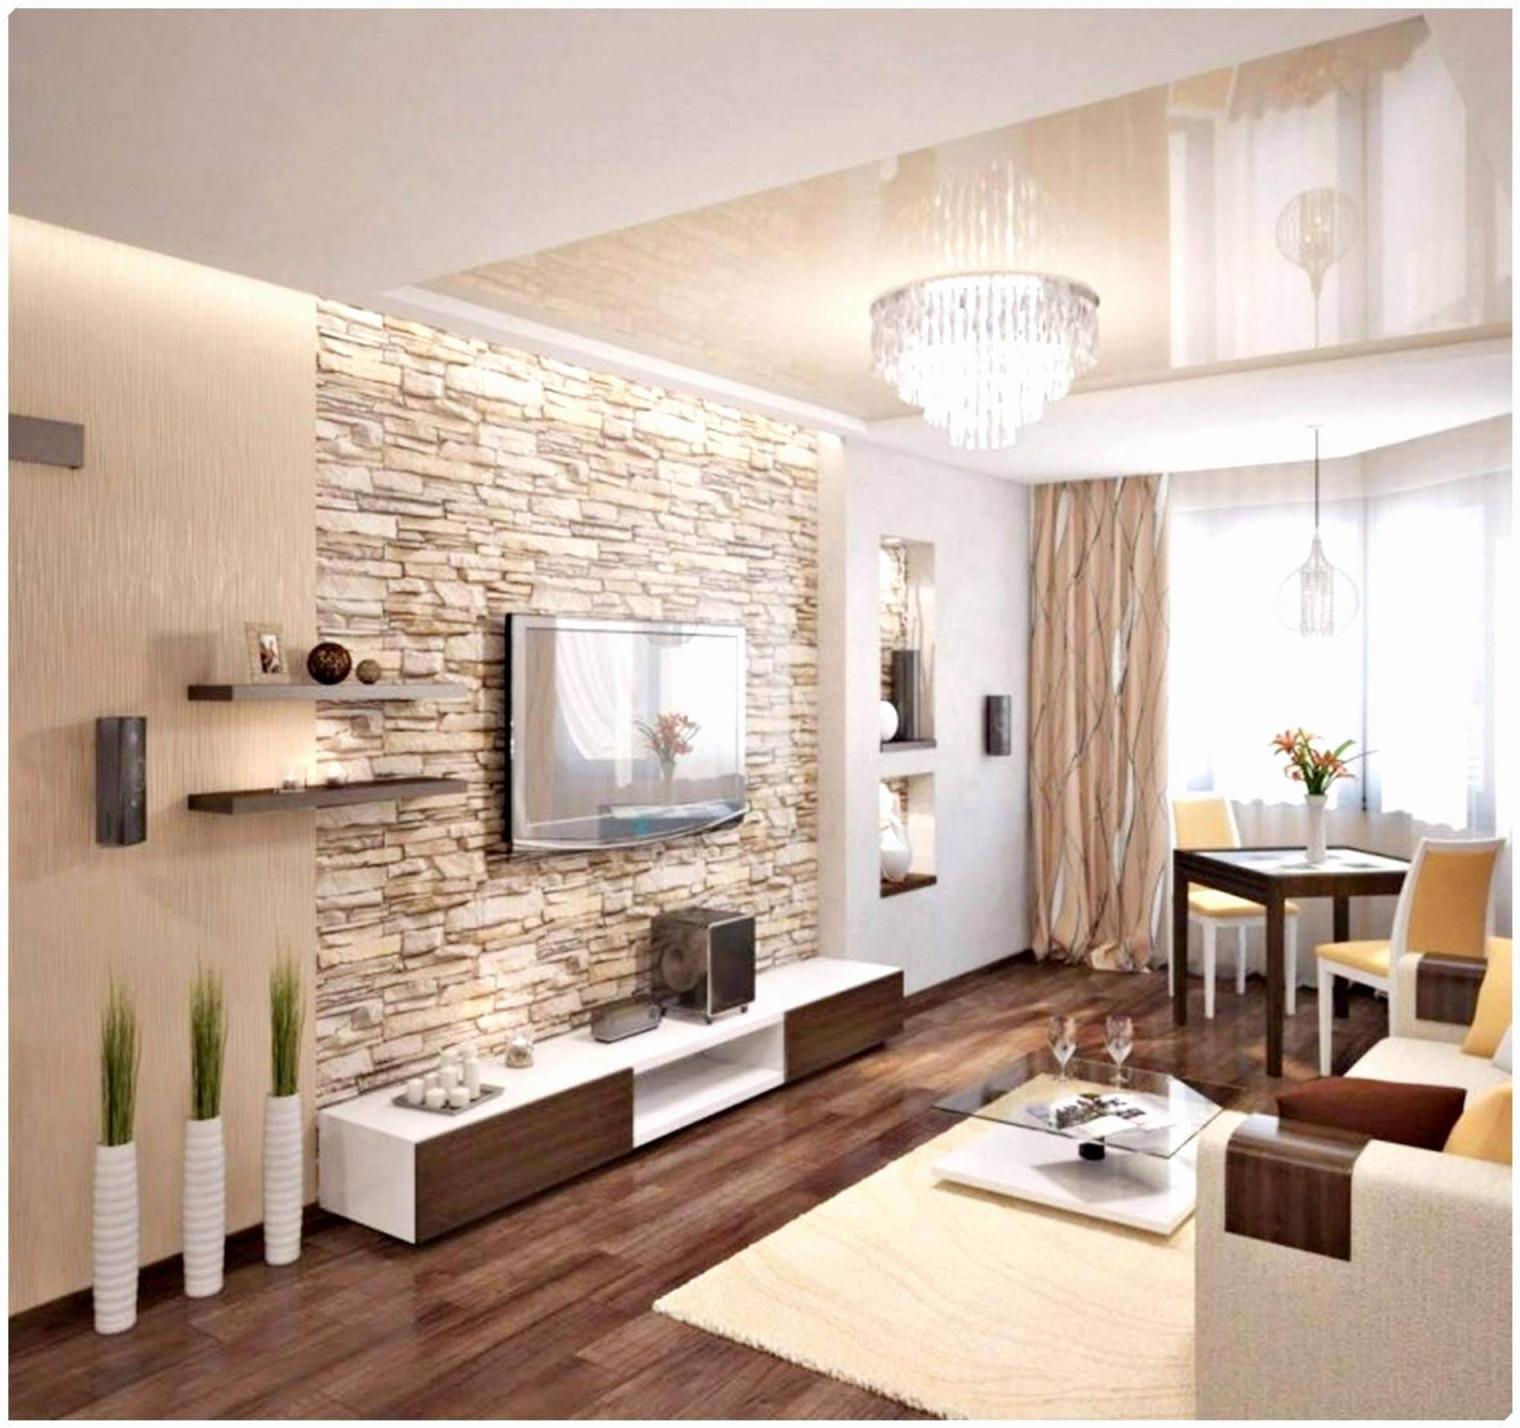 37 Neu Wohnzimmer Farben Ideen Frisch  Wohnzimmer Frisch von Farben Ideen Für Wohnzimmer Bild